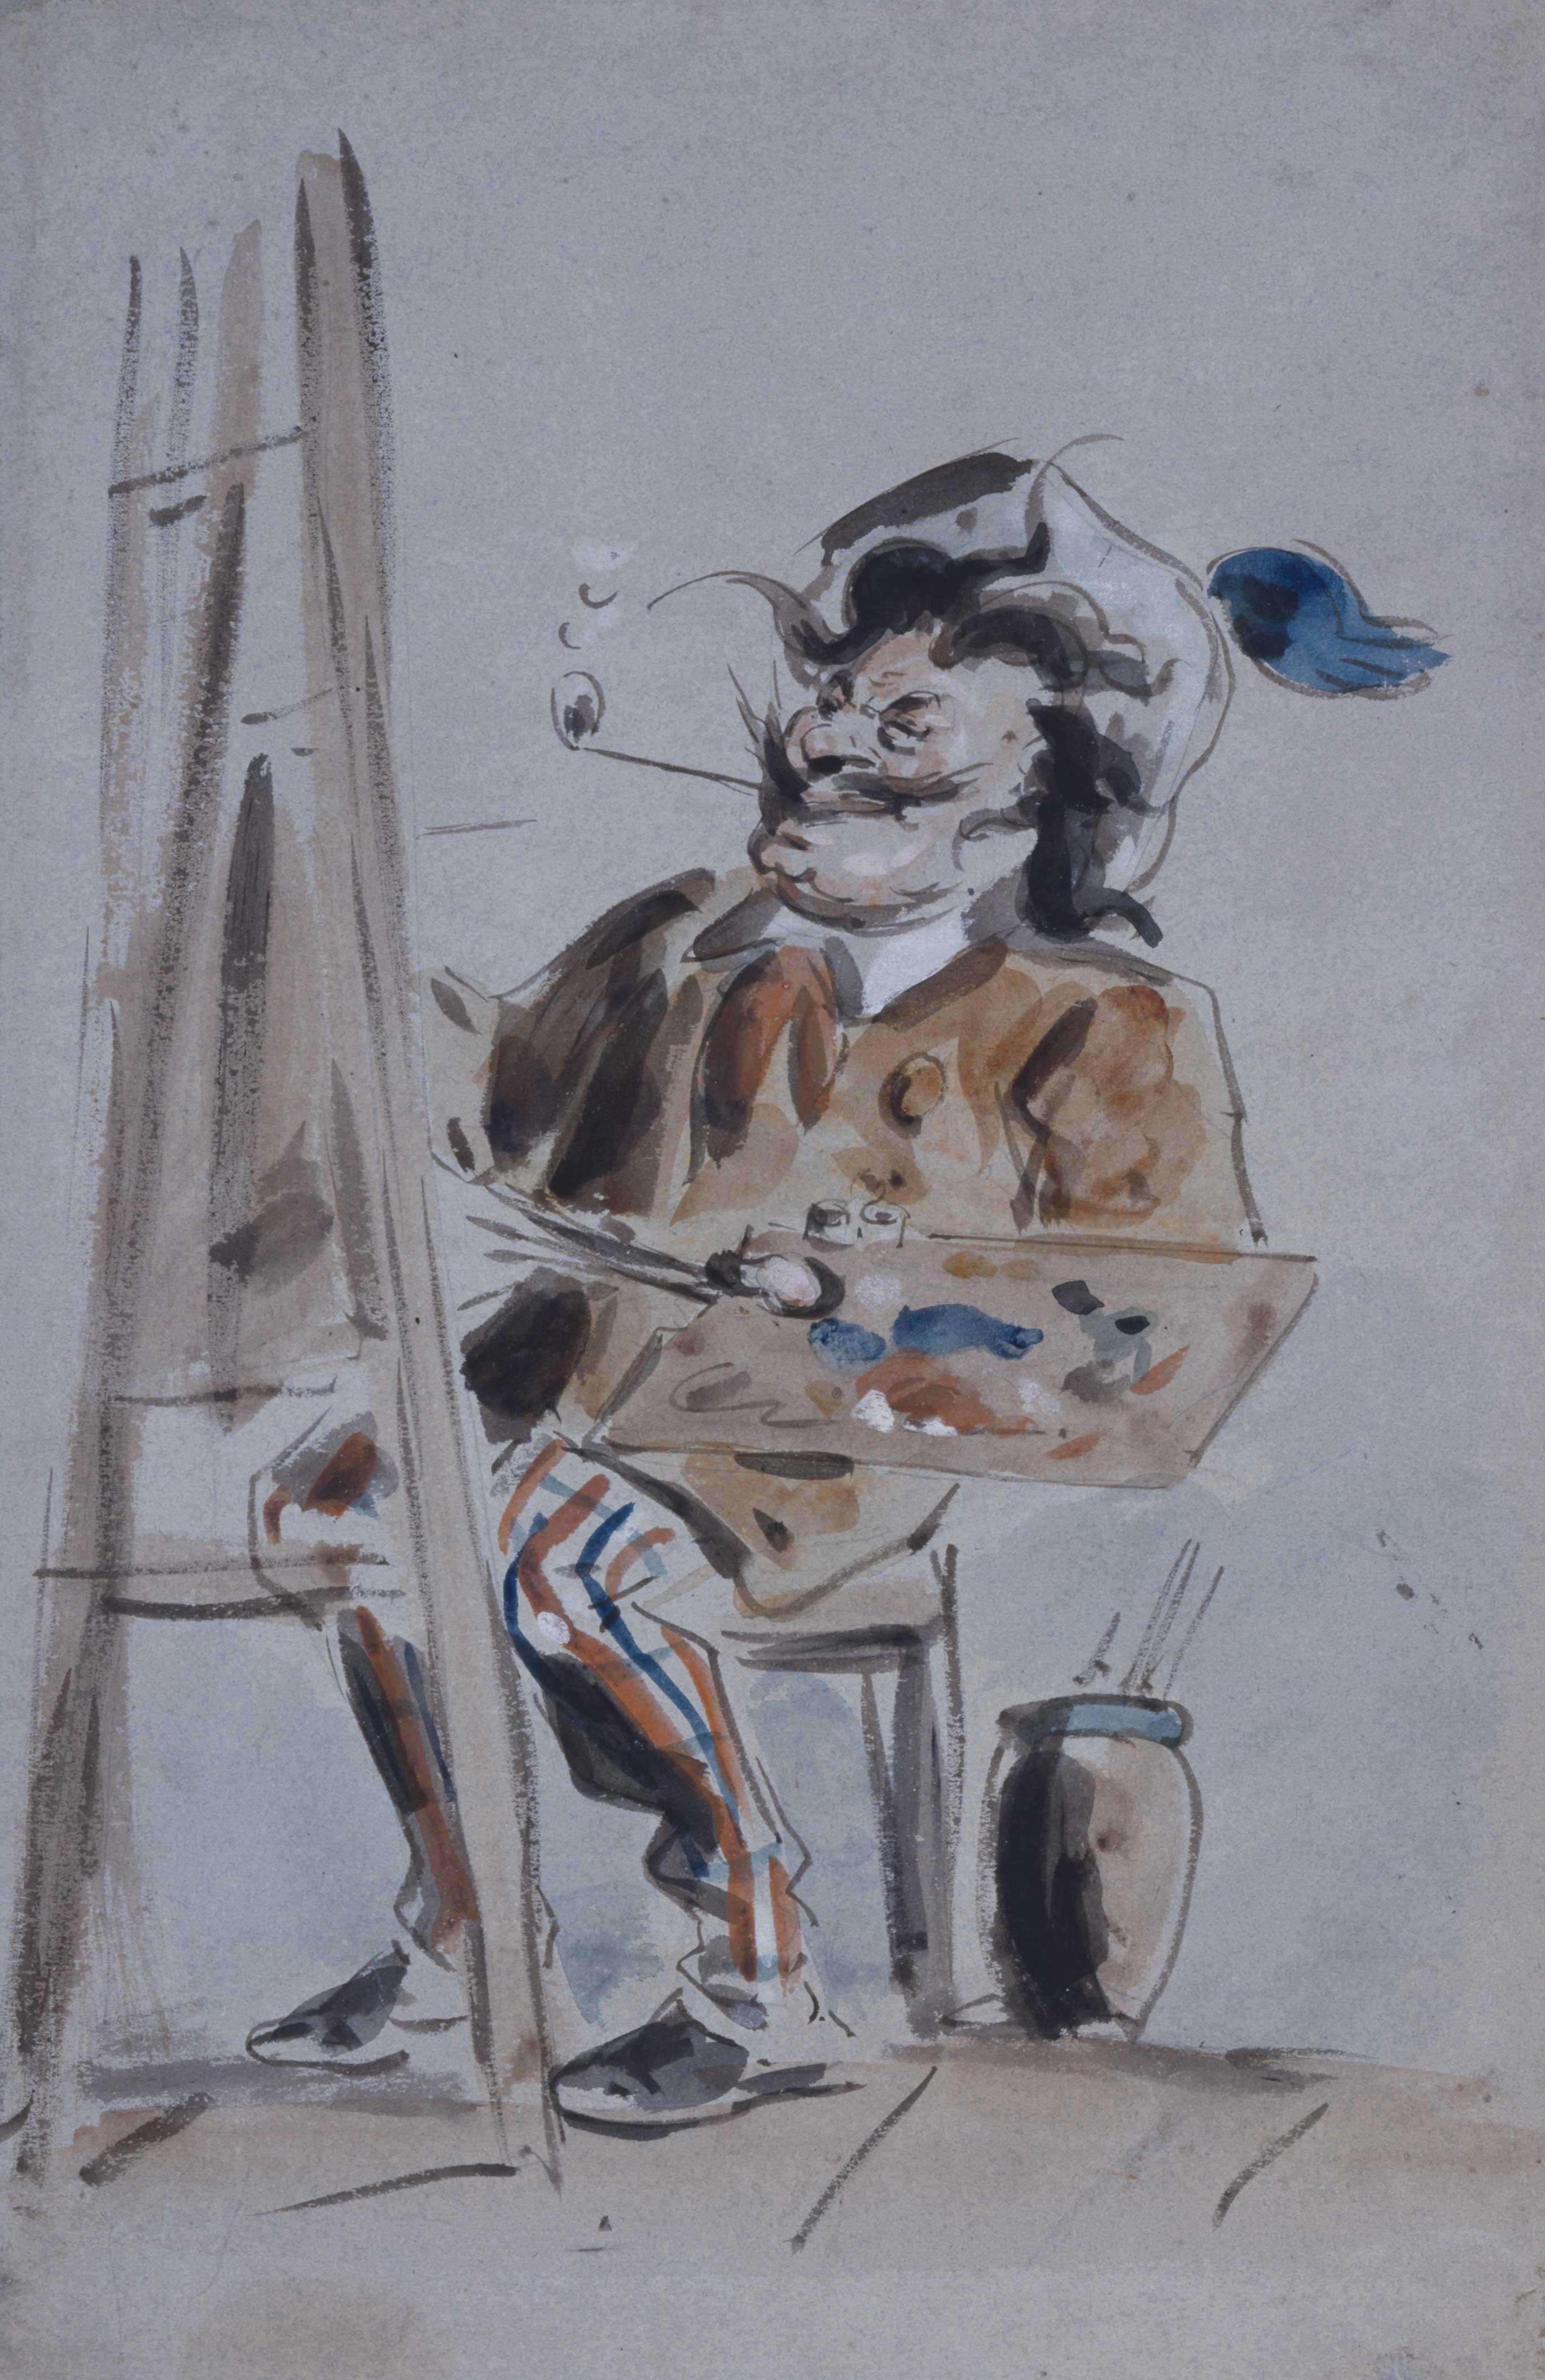 Caricature of an Artist